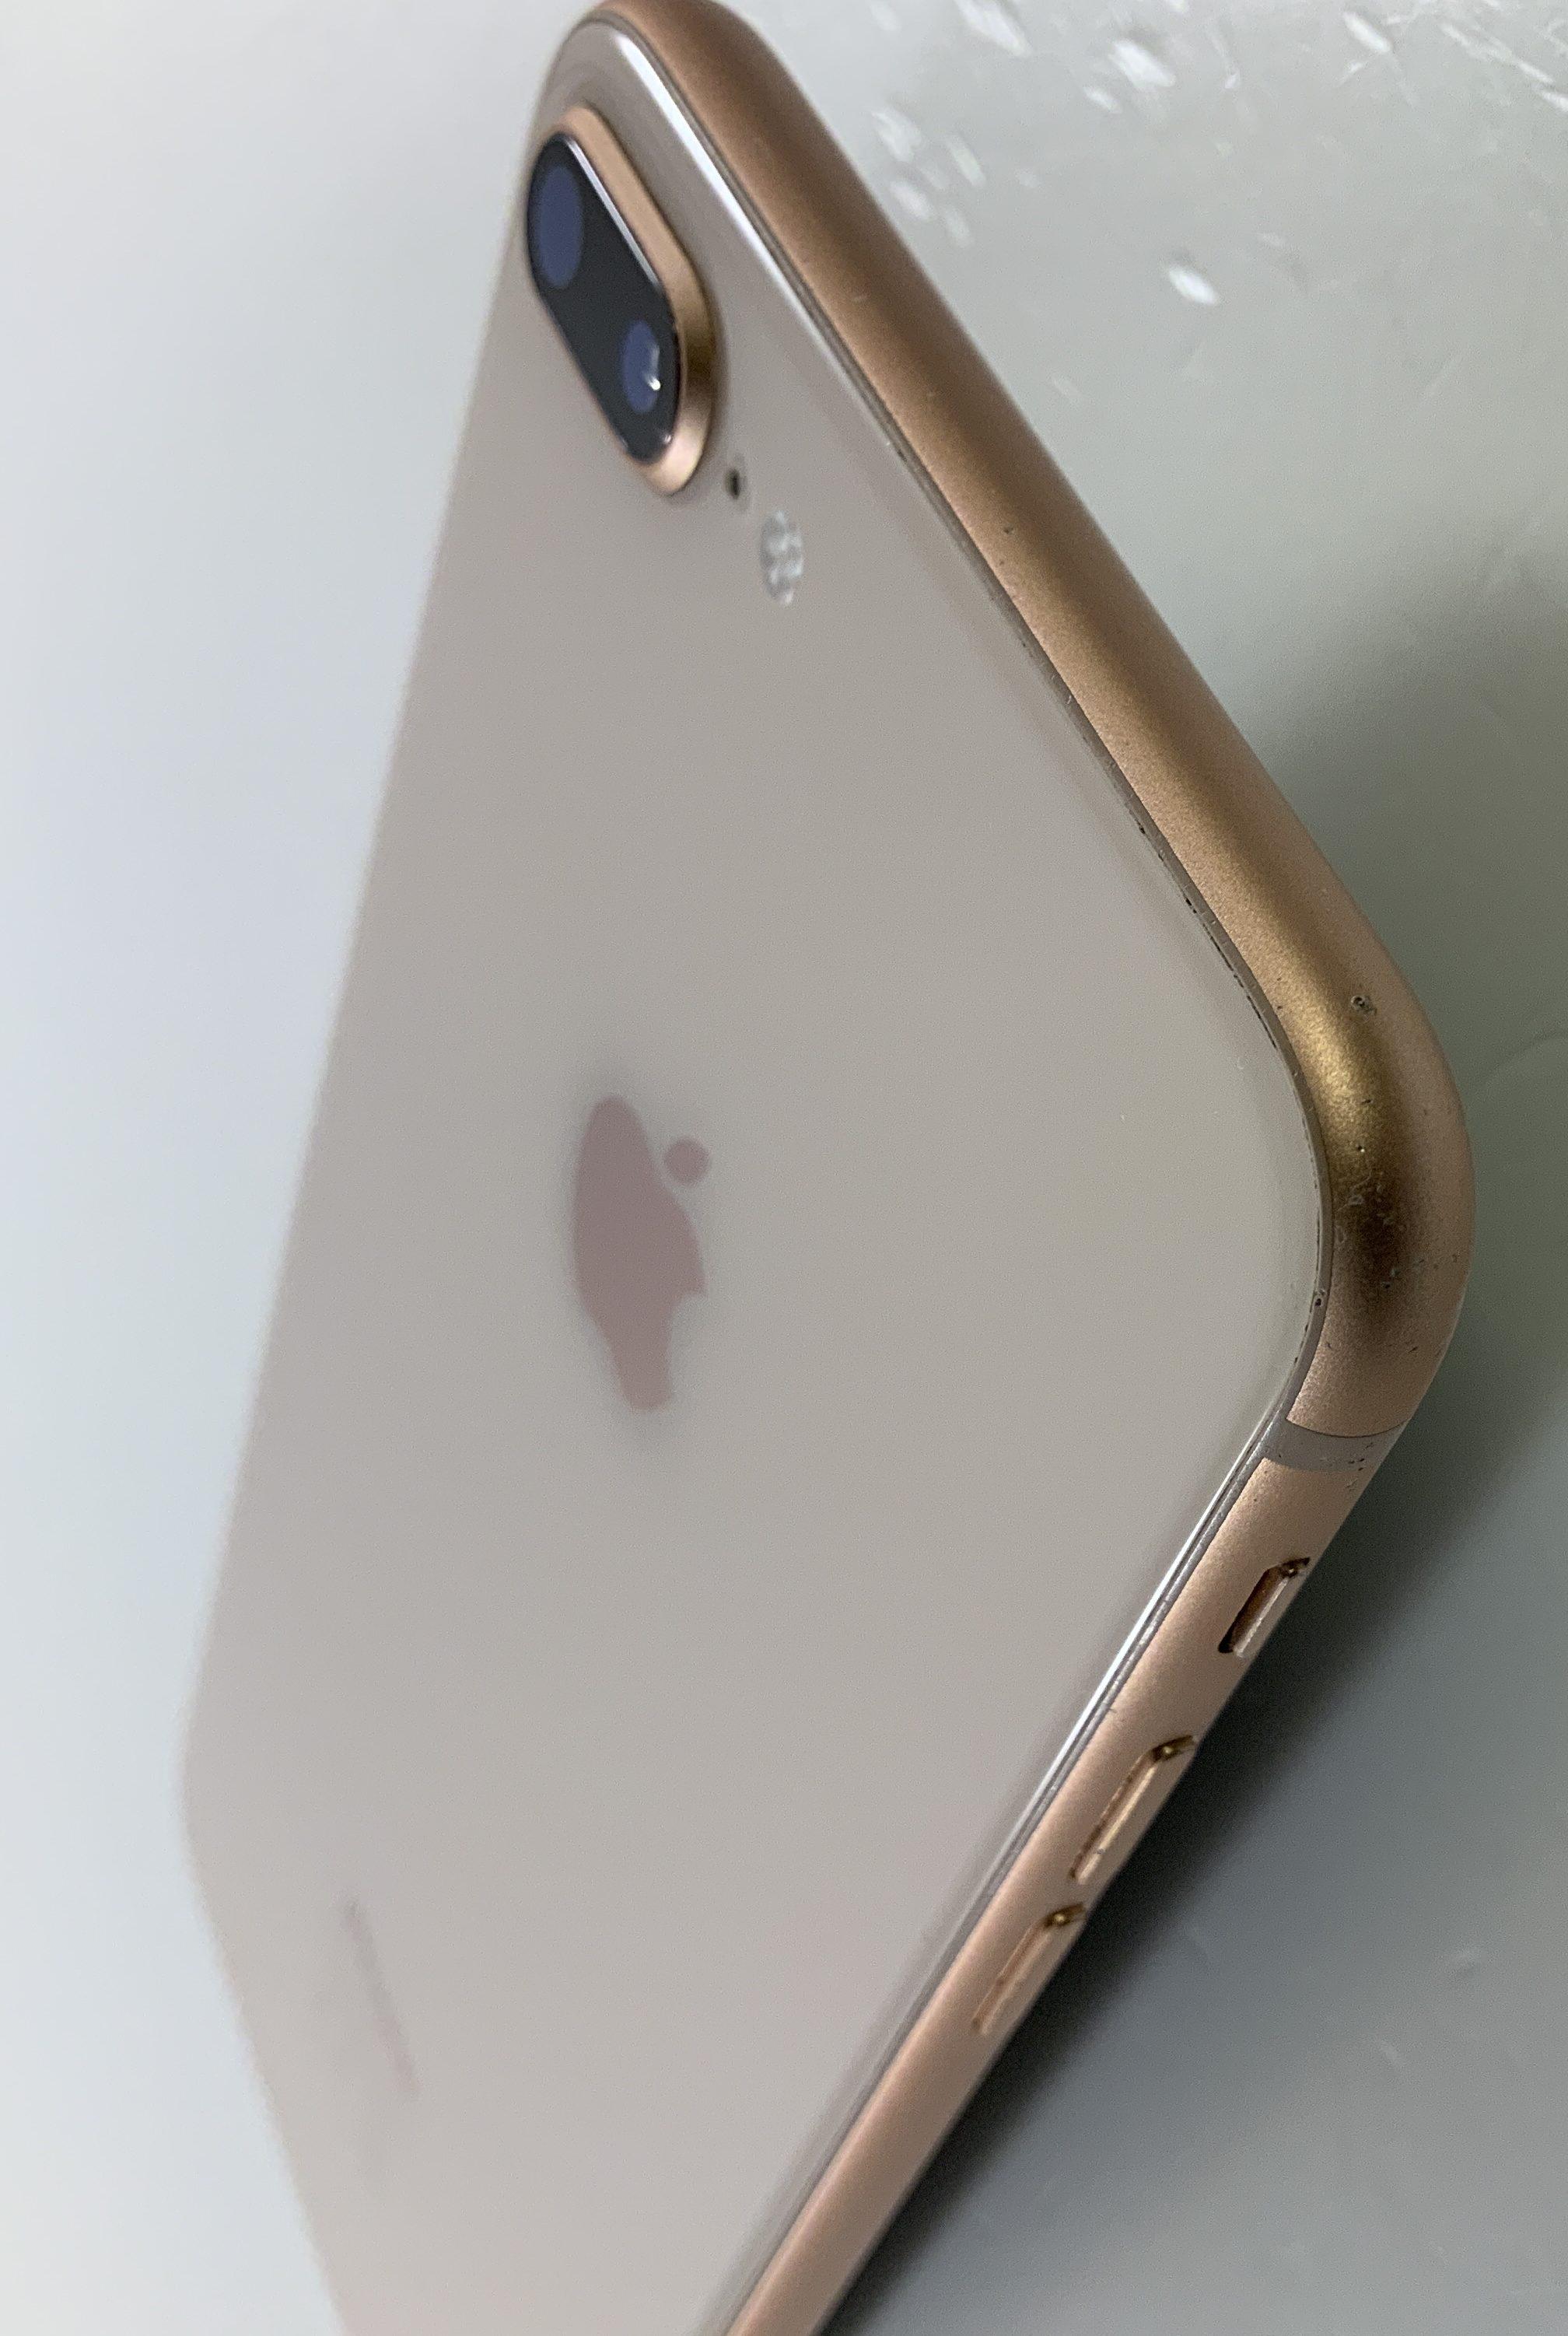 iPhone 8 Plus 64GB, 64GB, Gold, Kuva 3